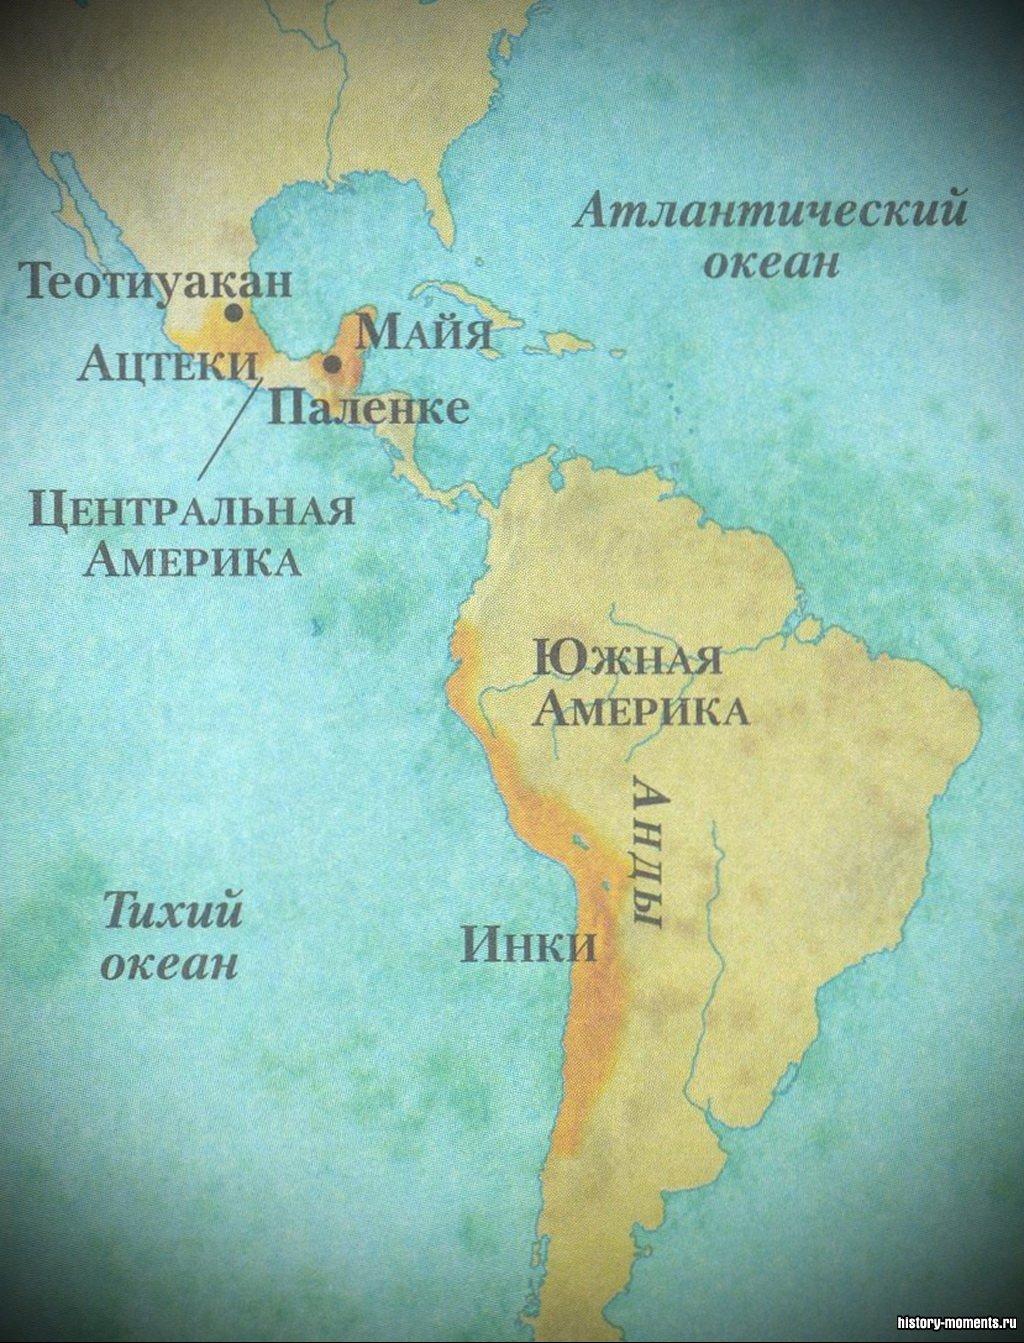 Границы величайших цивилизаций в Центральной Америке (майя и ацтеков) и в Южной Америке (инков).